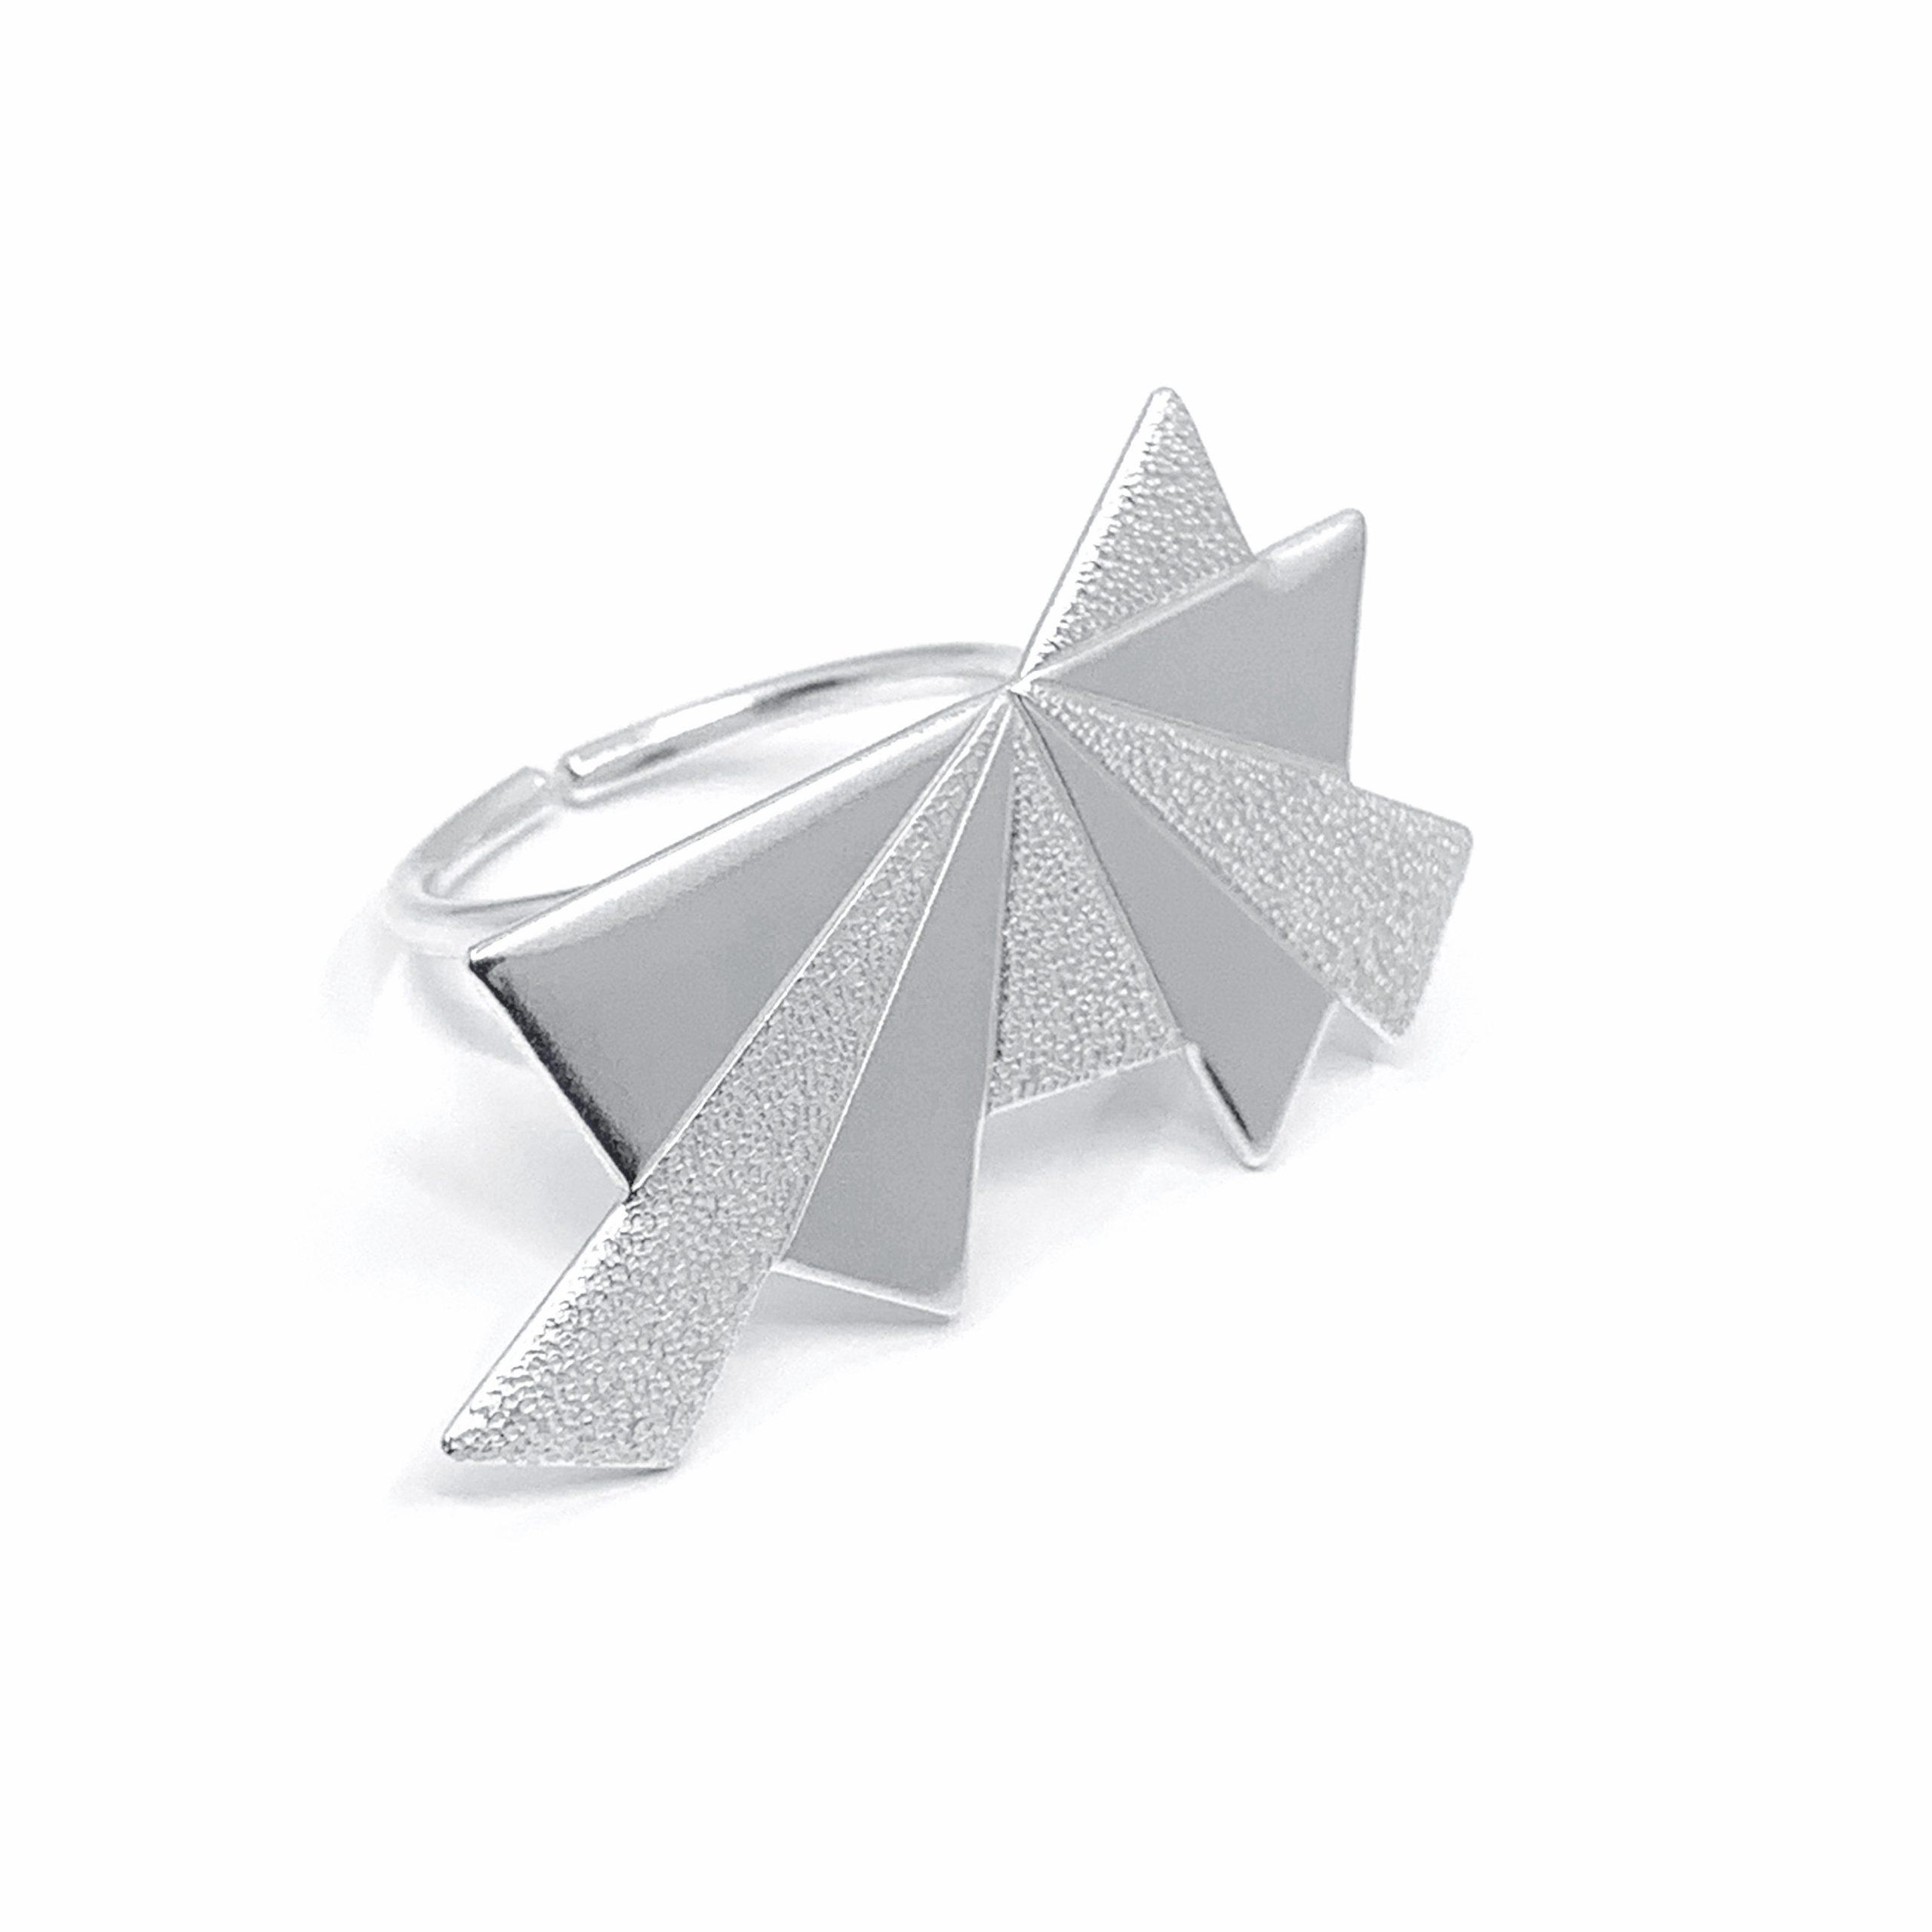 Dawn statement textured silver ring